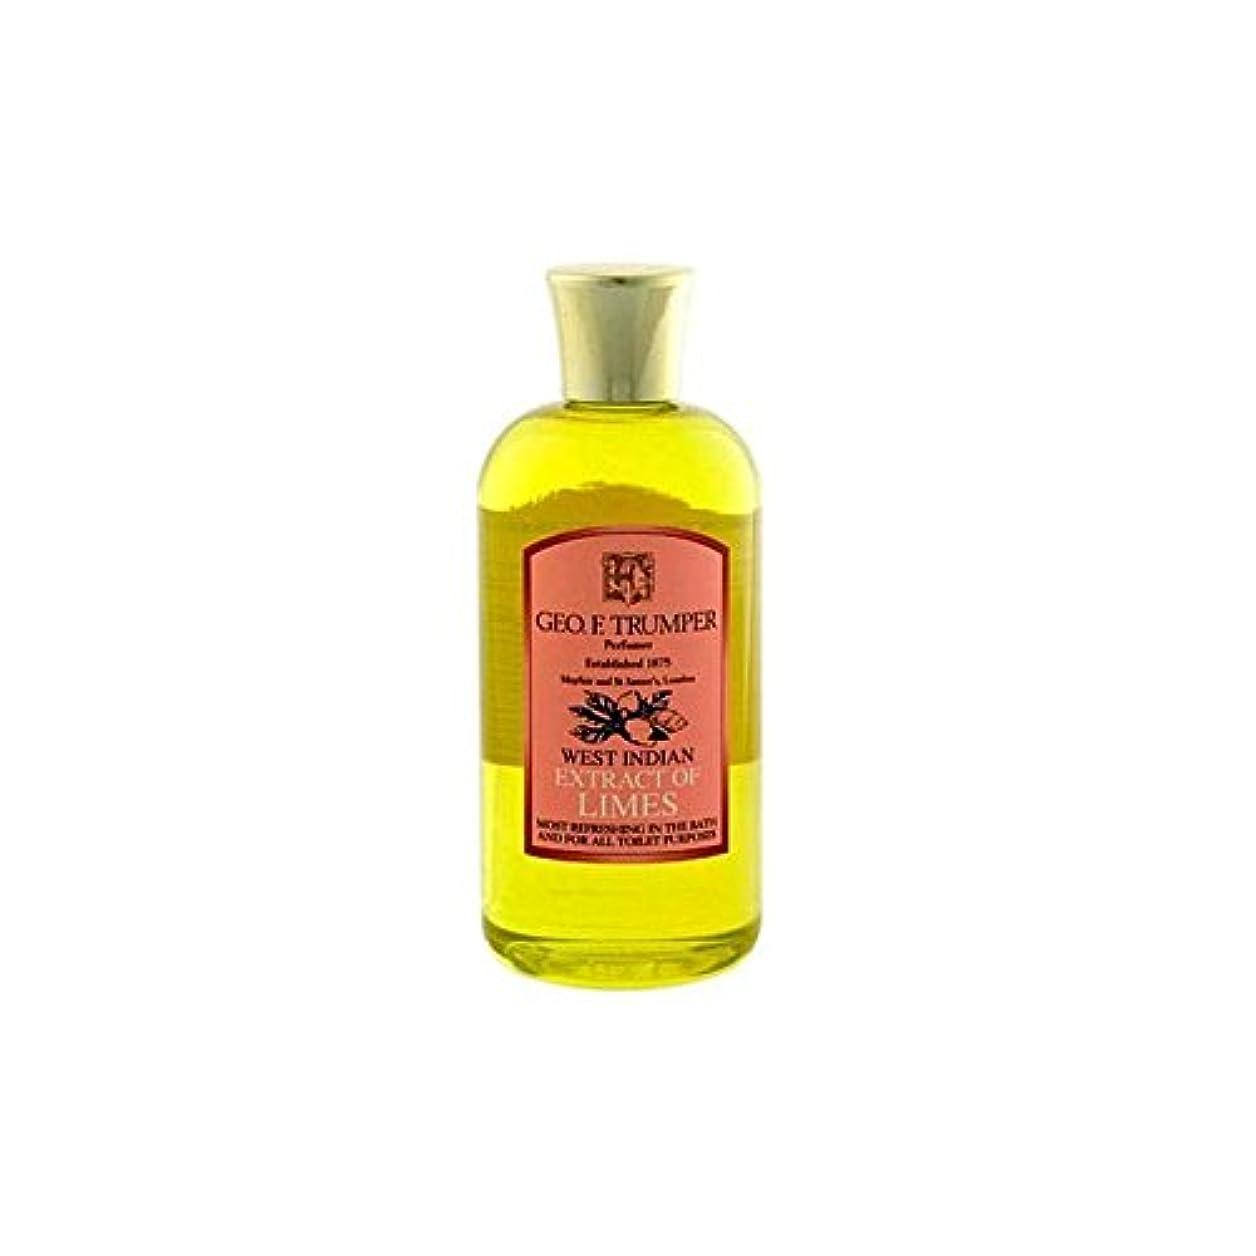 句読点大きさスピリチュアルTrumpers Extracts of Limes Bath and Shower Gel 200ml - ライムのバスタブとシャワージェル200の抽出物を [並行輸入品]